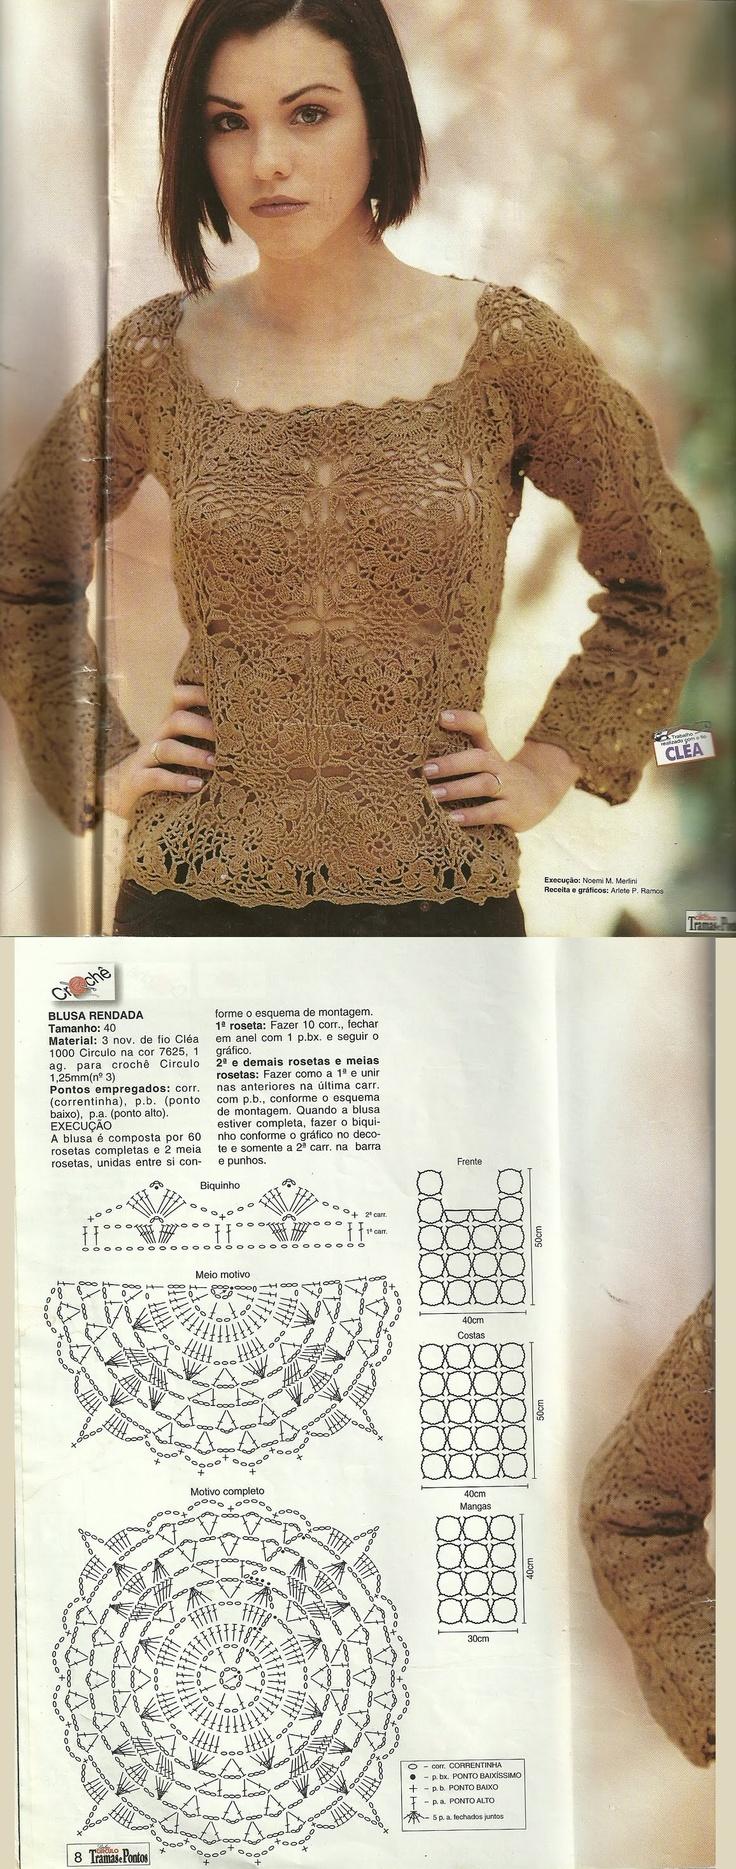 Blusa de crochê a partir dos elementos